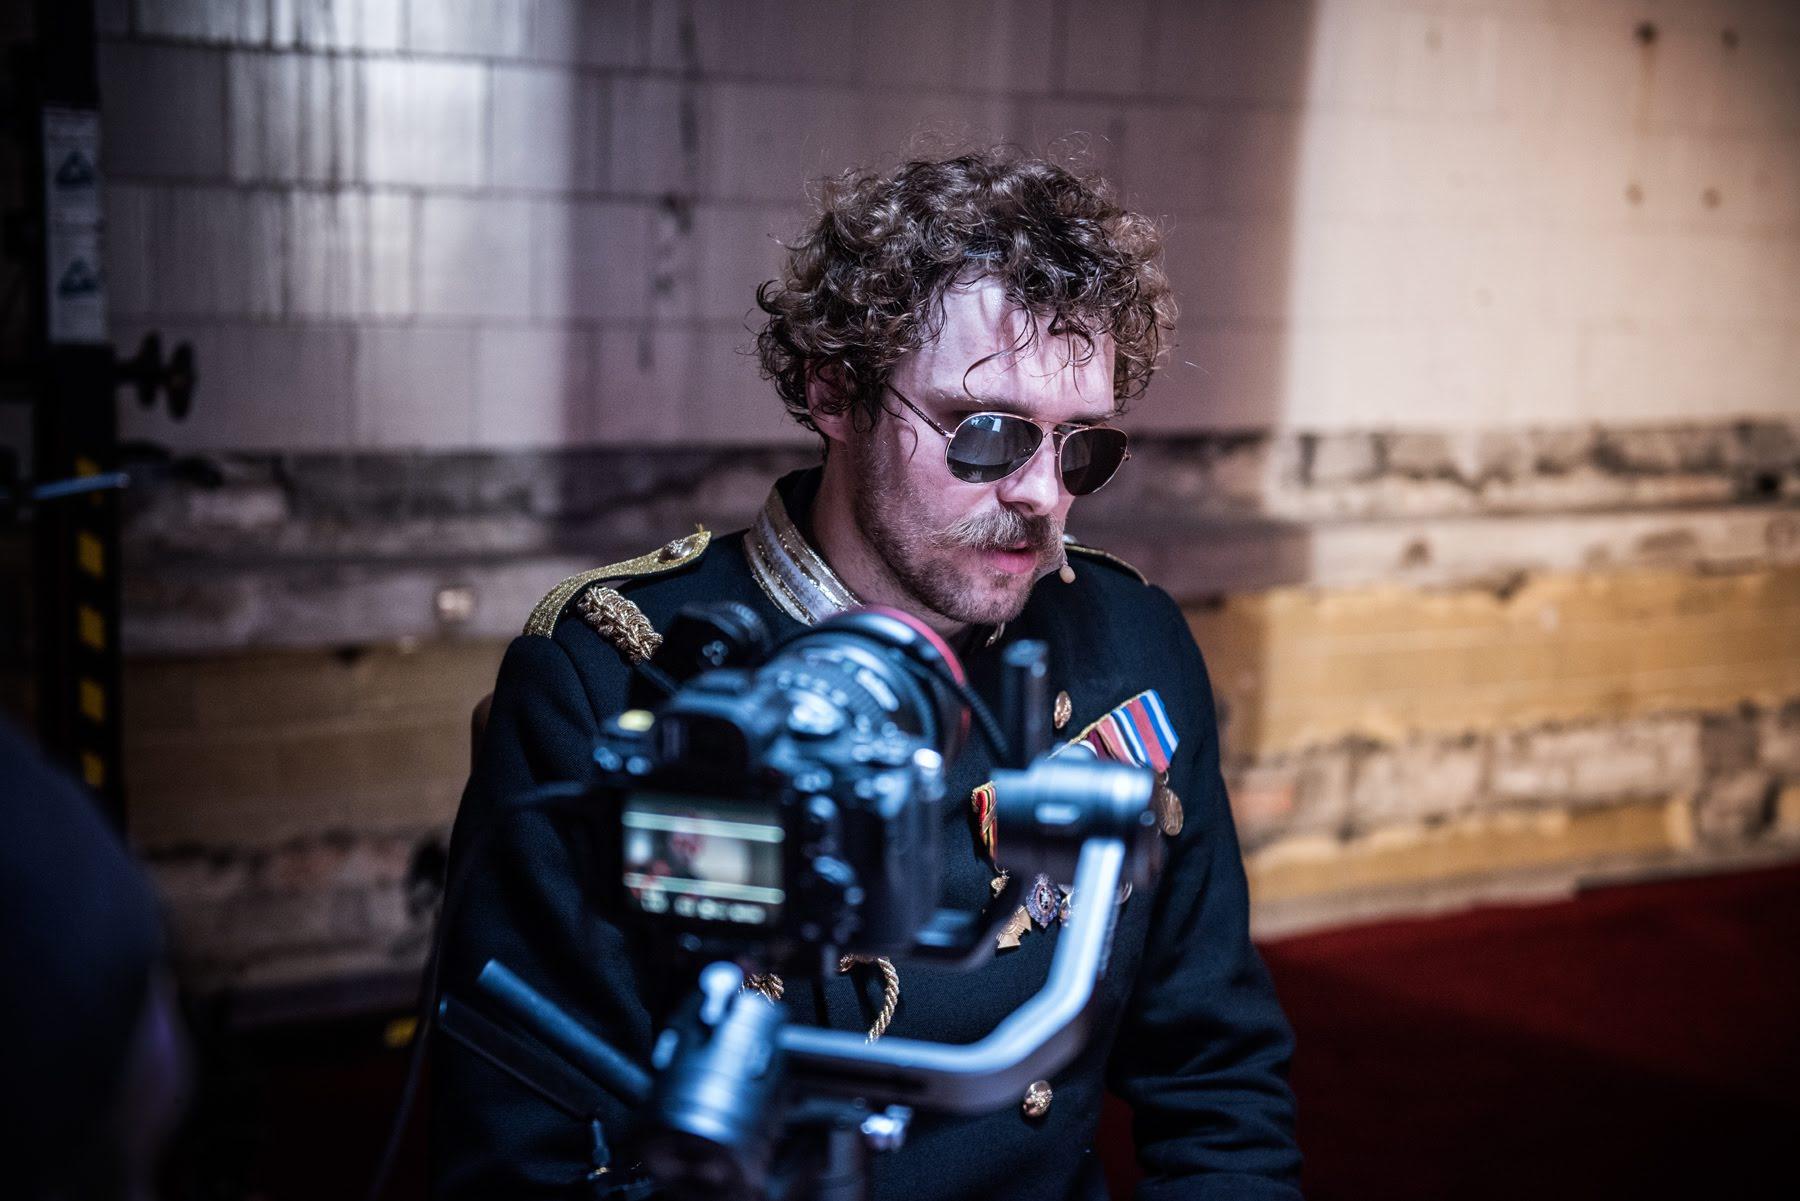 Aktor ubrany w mundur z okularami przeciwsłonecznymi na twarzy na tle kamiennej ściany. Na drugim planie aparat fotograficzny.